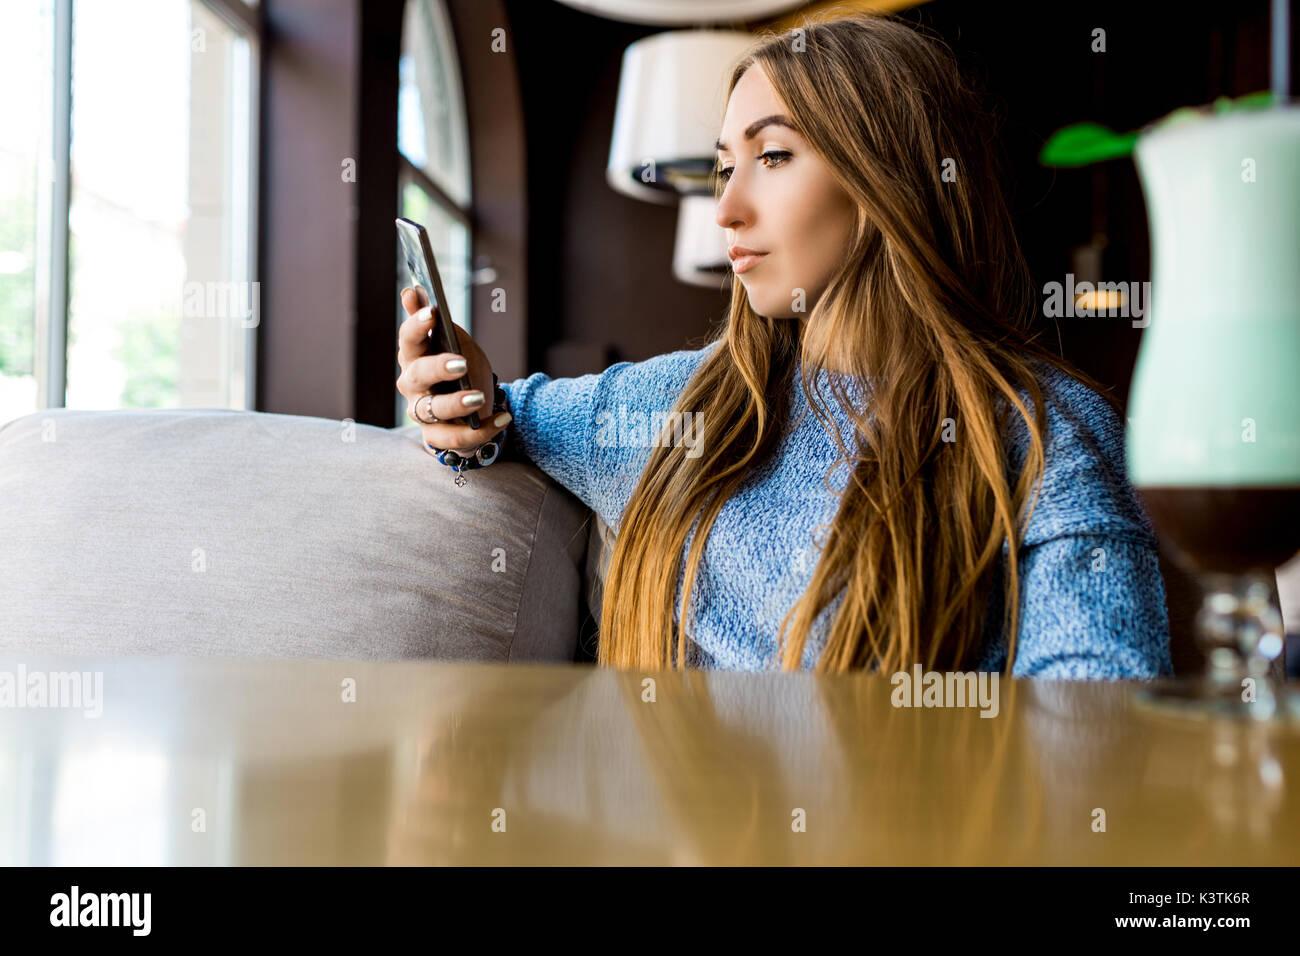 Portret von jungen weiblichen lesen SMS auf dem Telefon im Cafe. Getönt. Selektive konzentrieren. Stockbild